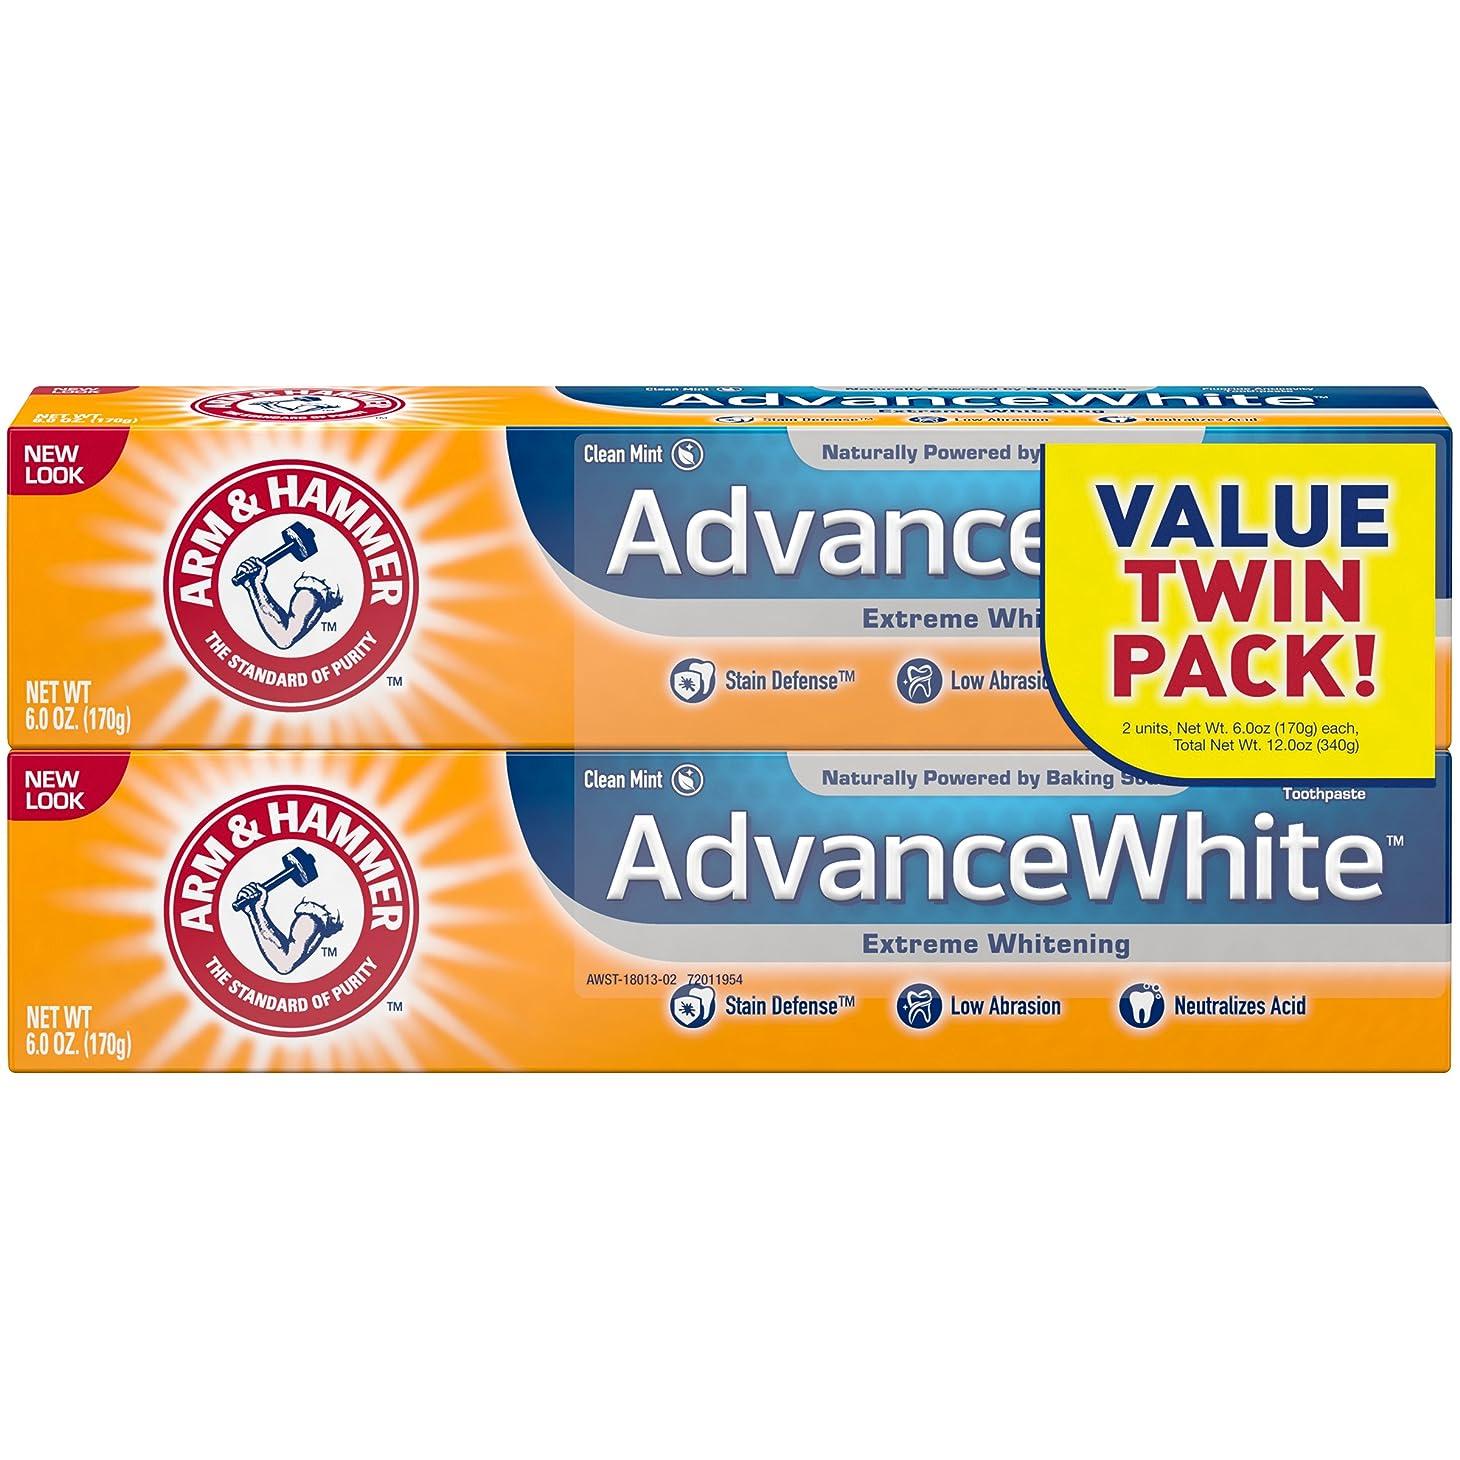 悪党開示する意外Arm & Hammer アーム&ハマー アドバンス ホワイト 歯磨き粉 2個パック Toothpaste with Baking Soda & Peroxide